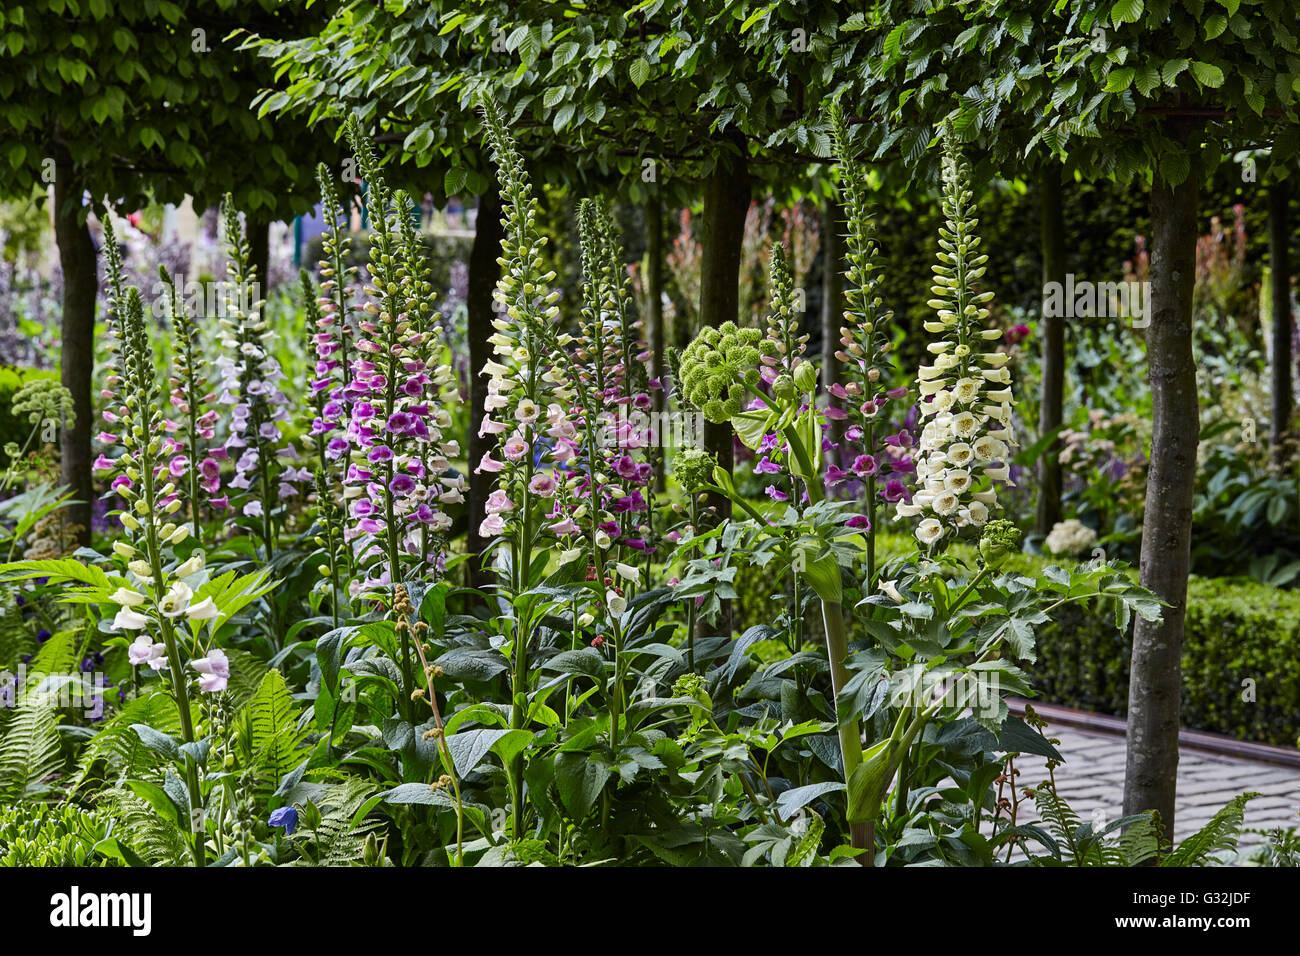 Chelsea Flower Show 2016 Husqvarna Garden Charlie Albone - Stock Image